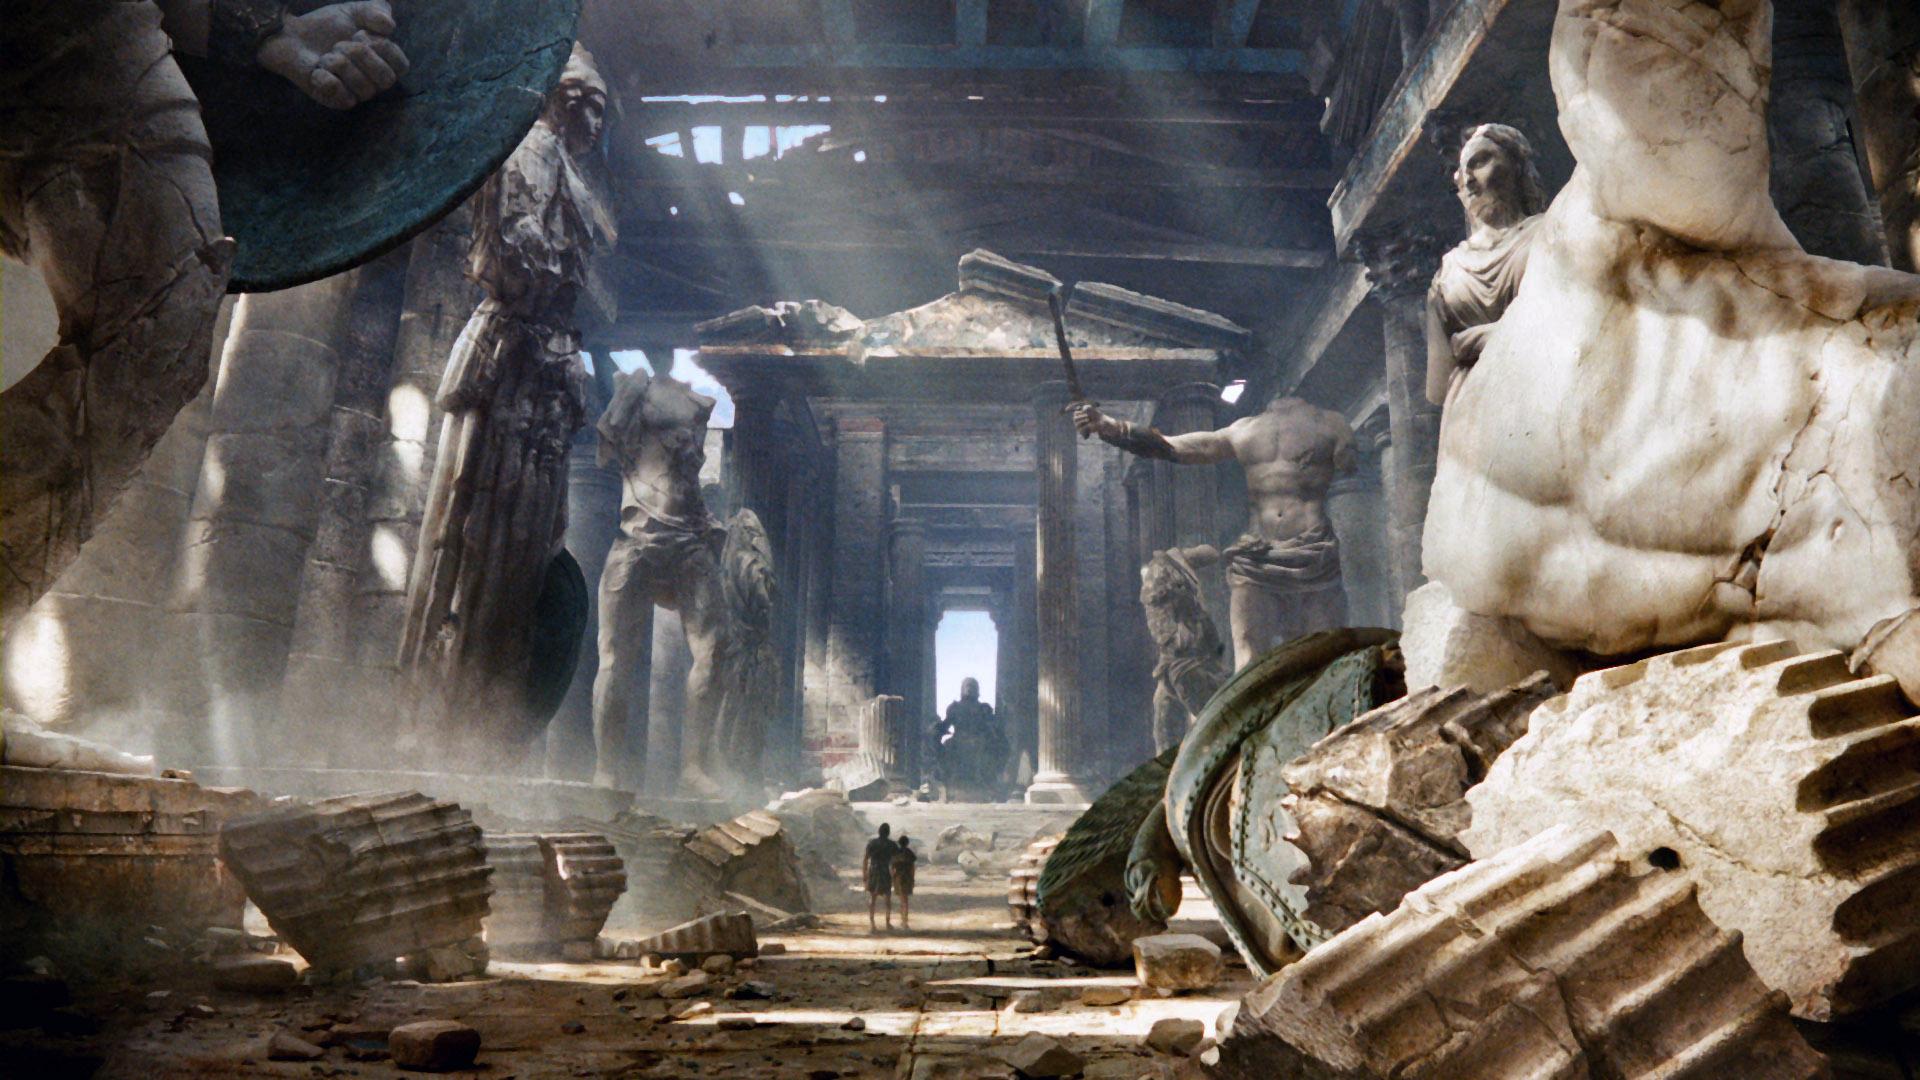 Wrath Of The Titans Wallpaper 20   1920 X 1080 stmednet 1920x1080